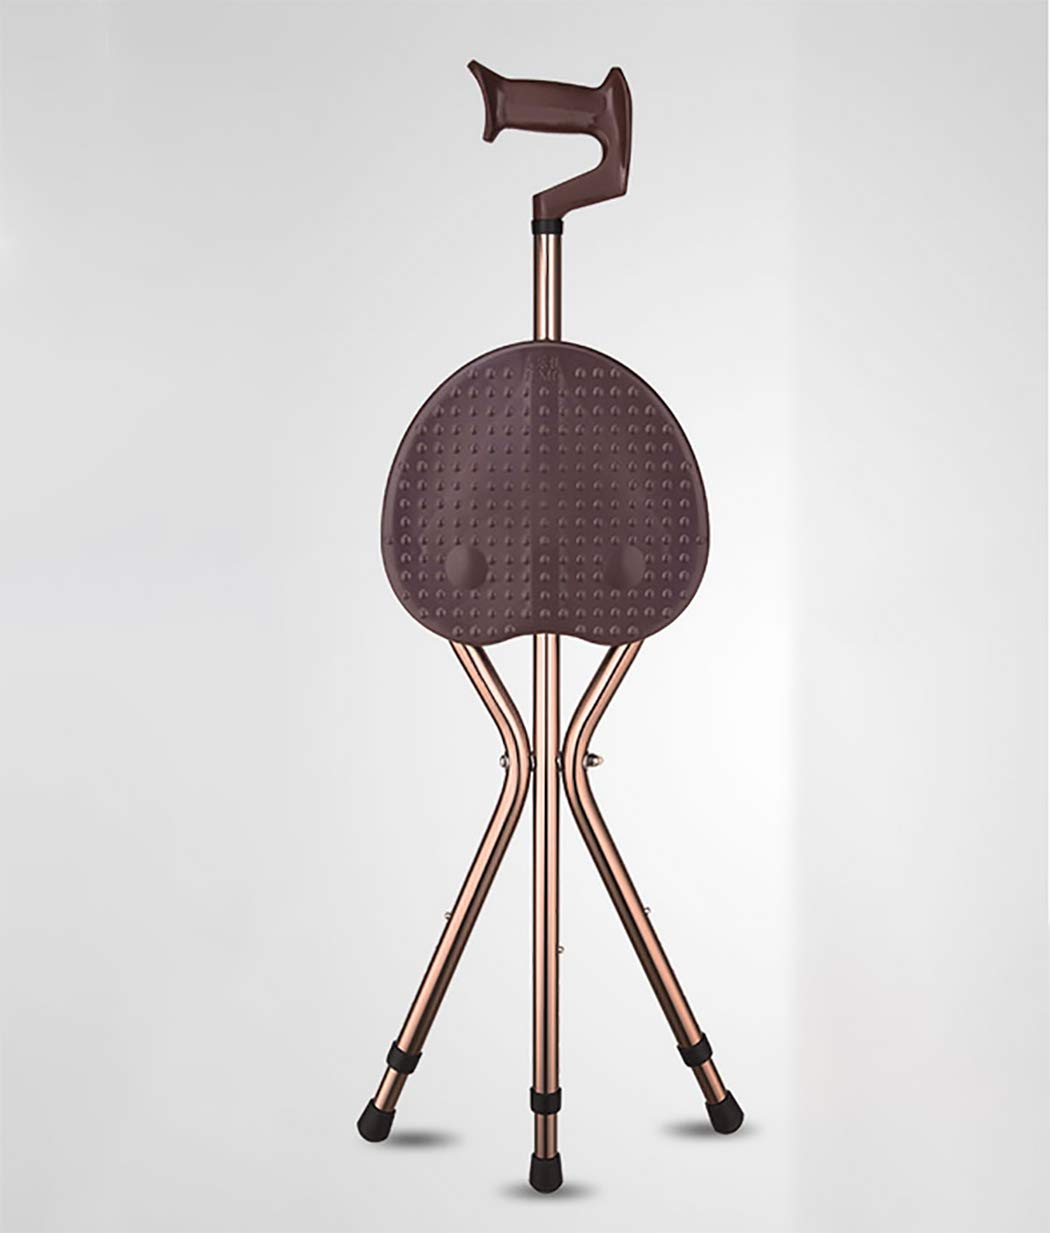 ファッションなデザイン YGUOZ brown 杖椅子 杖 リハビリ,brown 折りたたみ B07P78M514 高齢者のために、ステッキ椅子 携帯型、アルミ ステッキ 軽量、歩行補助 リハビリ,brown brown B07P78M514, よかろもんTOWN:a174fcbf --- a0267596.xsph.ru